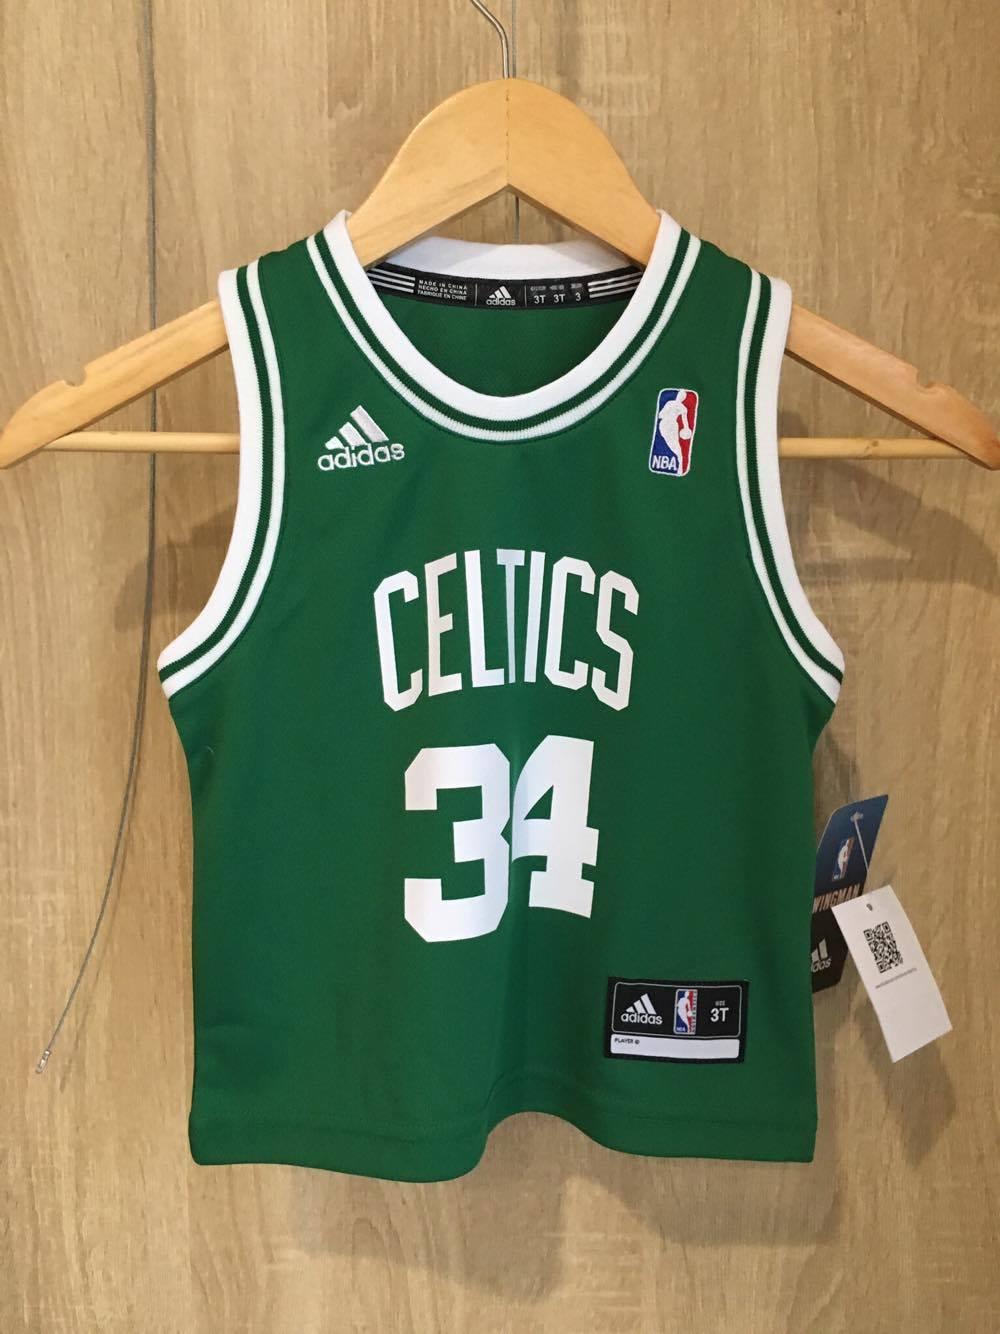 【蟹老闆】Adidas 孩童BABY 球衣 波士頓賽爾提克 34 PAUL PIERCE 2T~4T